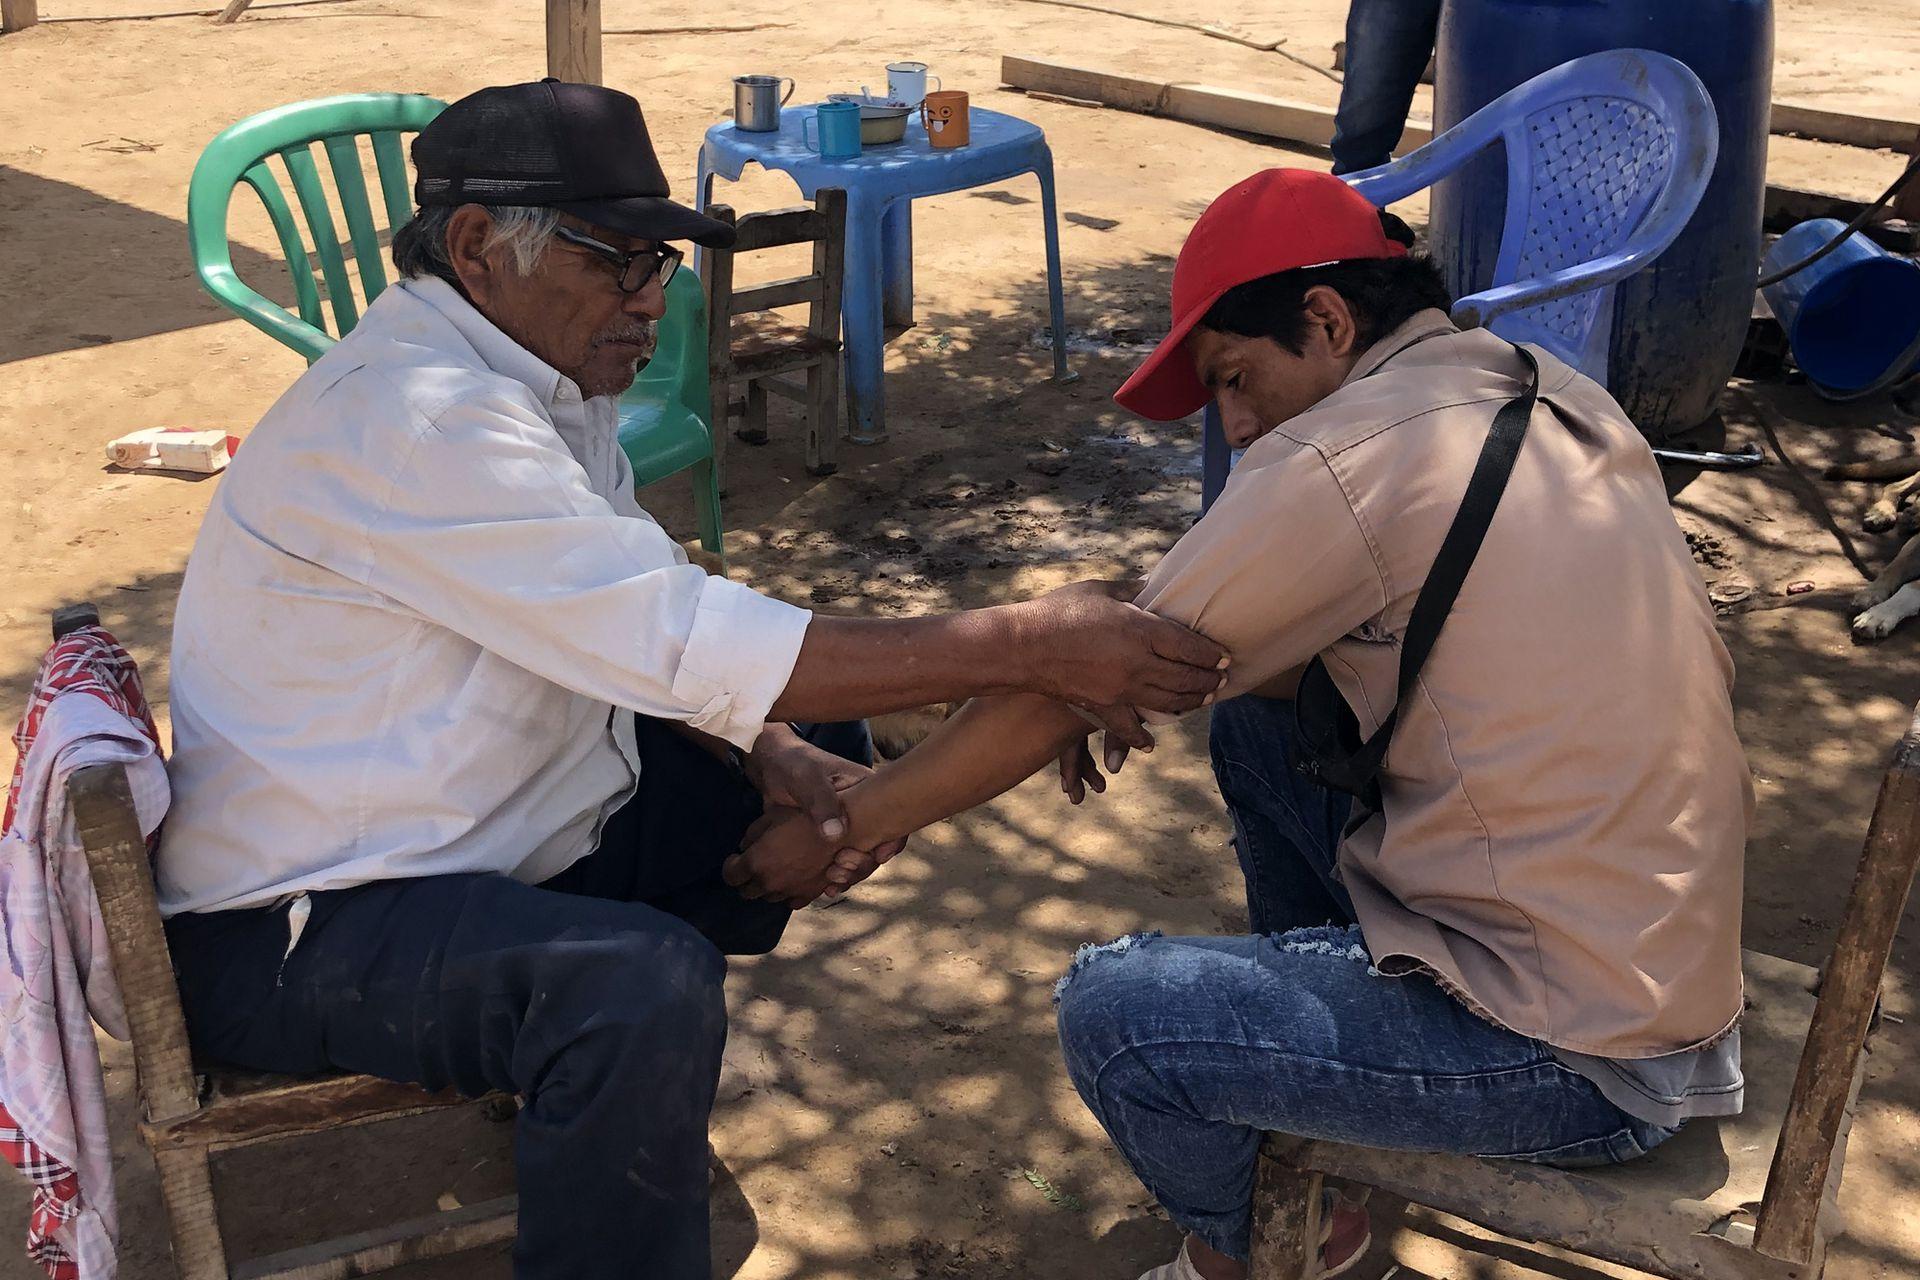 Silas Belizani es el abuelo de Paulo y también cacique de la comunidad. Durante nuestra visita, una persona se acercó para que lo atendiera porque se había torcido el brazo jugando al fútbol